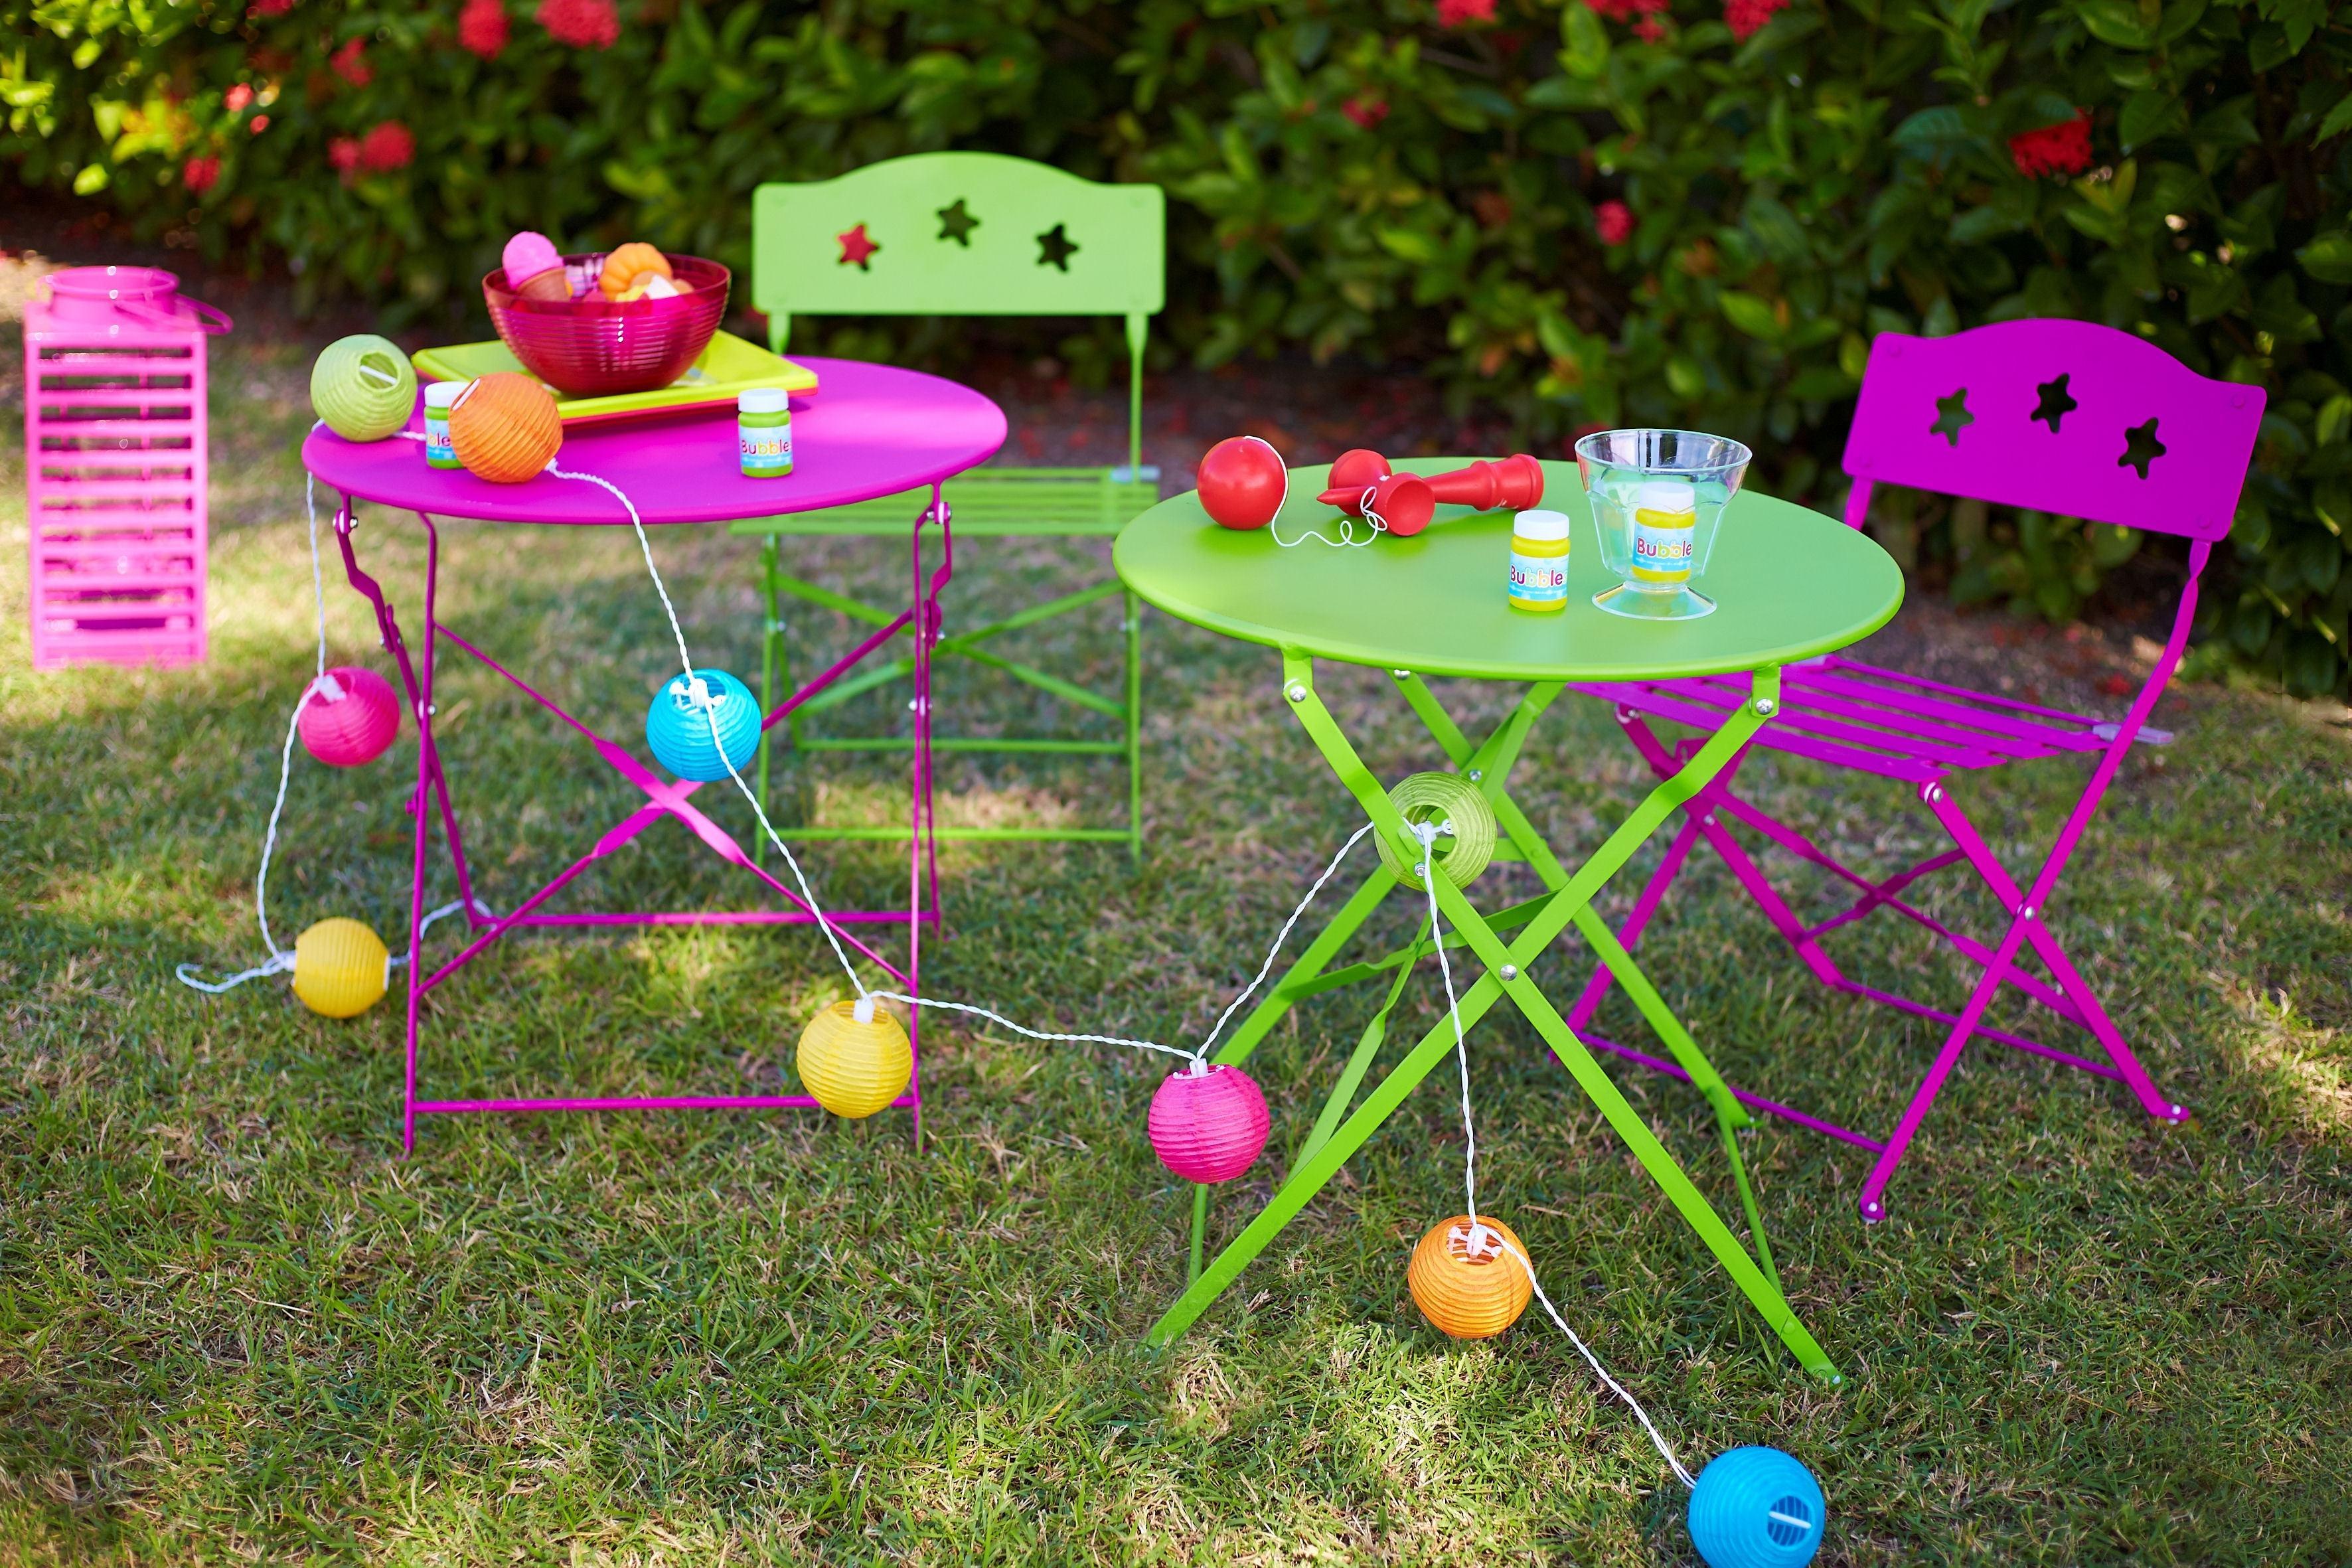 Emporte Piece Gifi Impressionnant Photographie Gifi Deco Table Amazing Vue En Plan De Maison France Mulhouse with